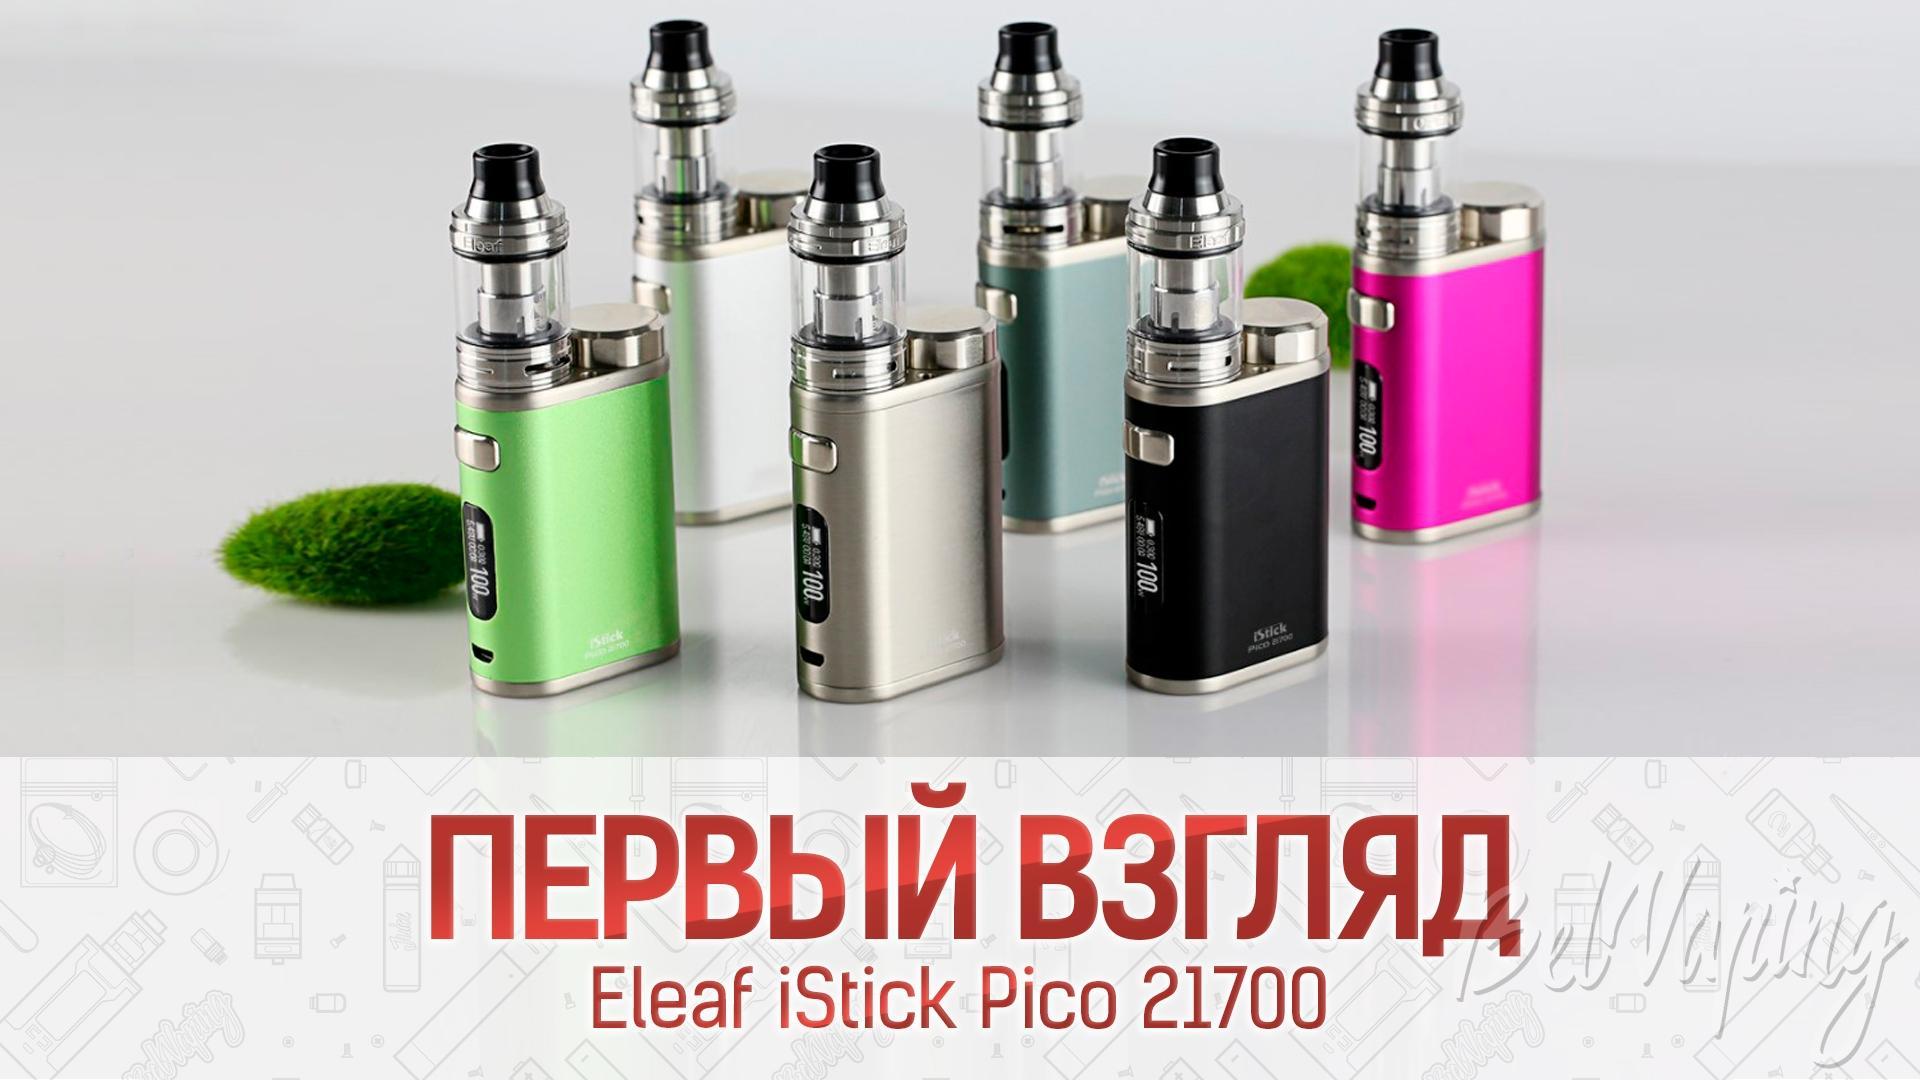 Eleaf iStick Pico 21700. Первый взгляд